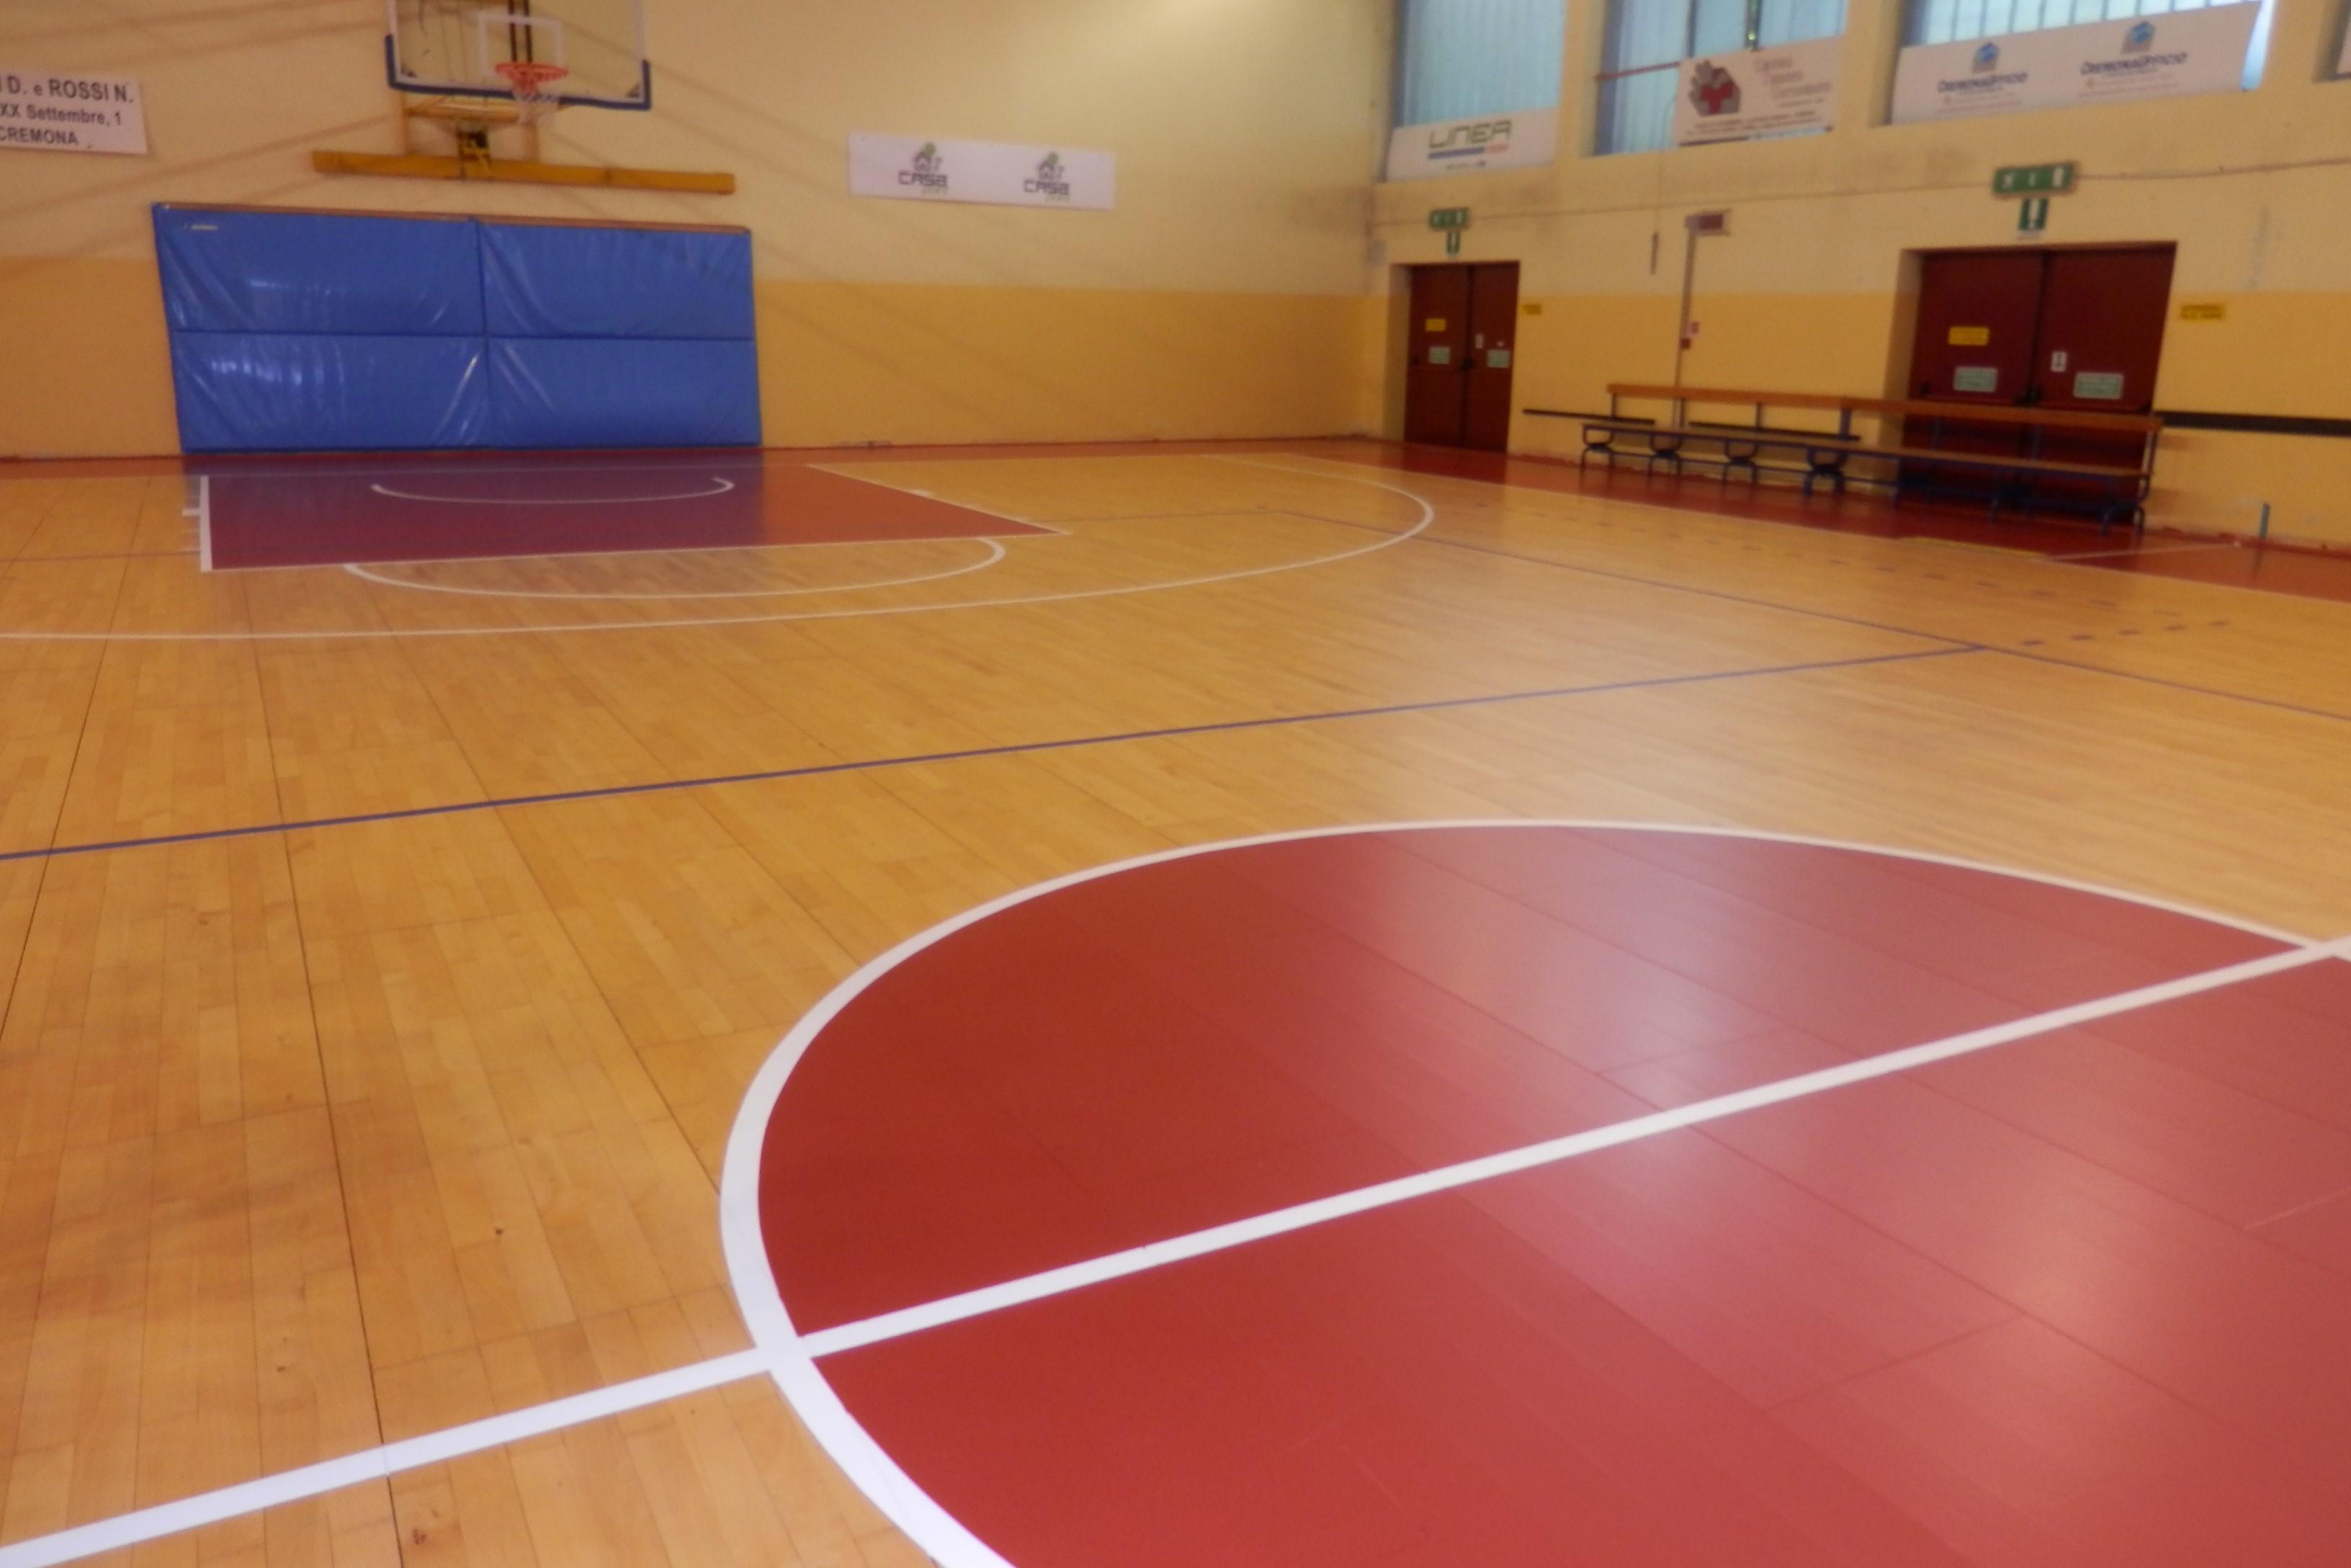 Nuovo parquet alla Palestra Spettacolo. Vincente la sinergia con le società di basket!